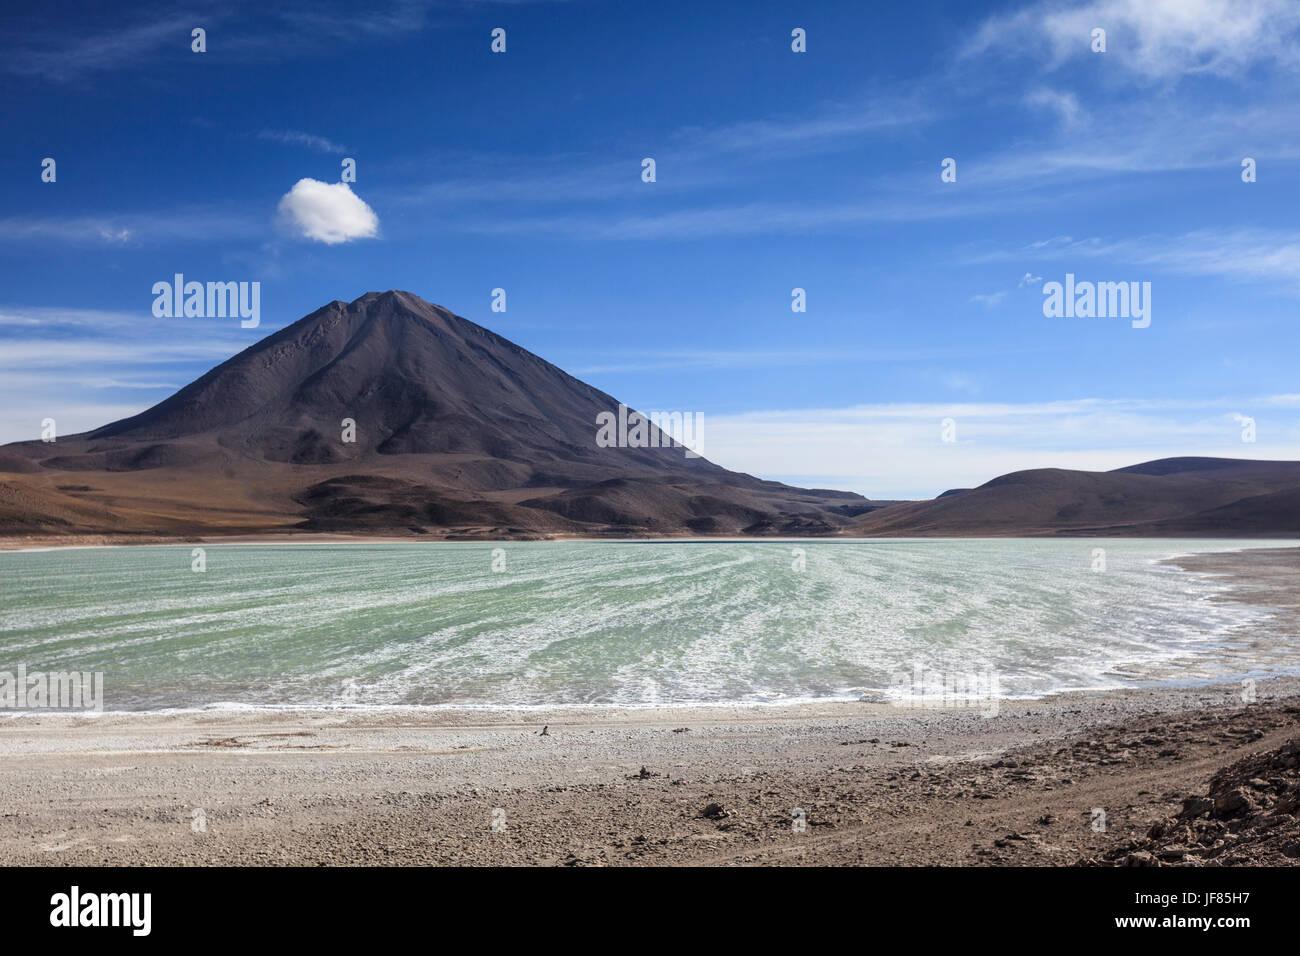 El volcán Licancabur, Bolivia. Imagen De Stock